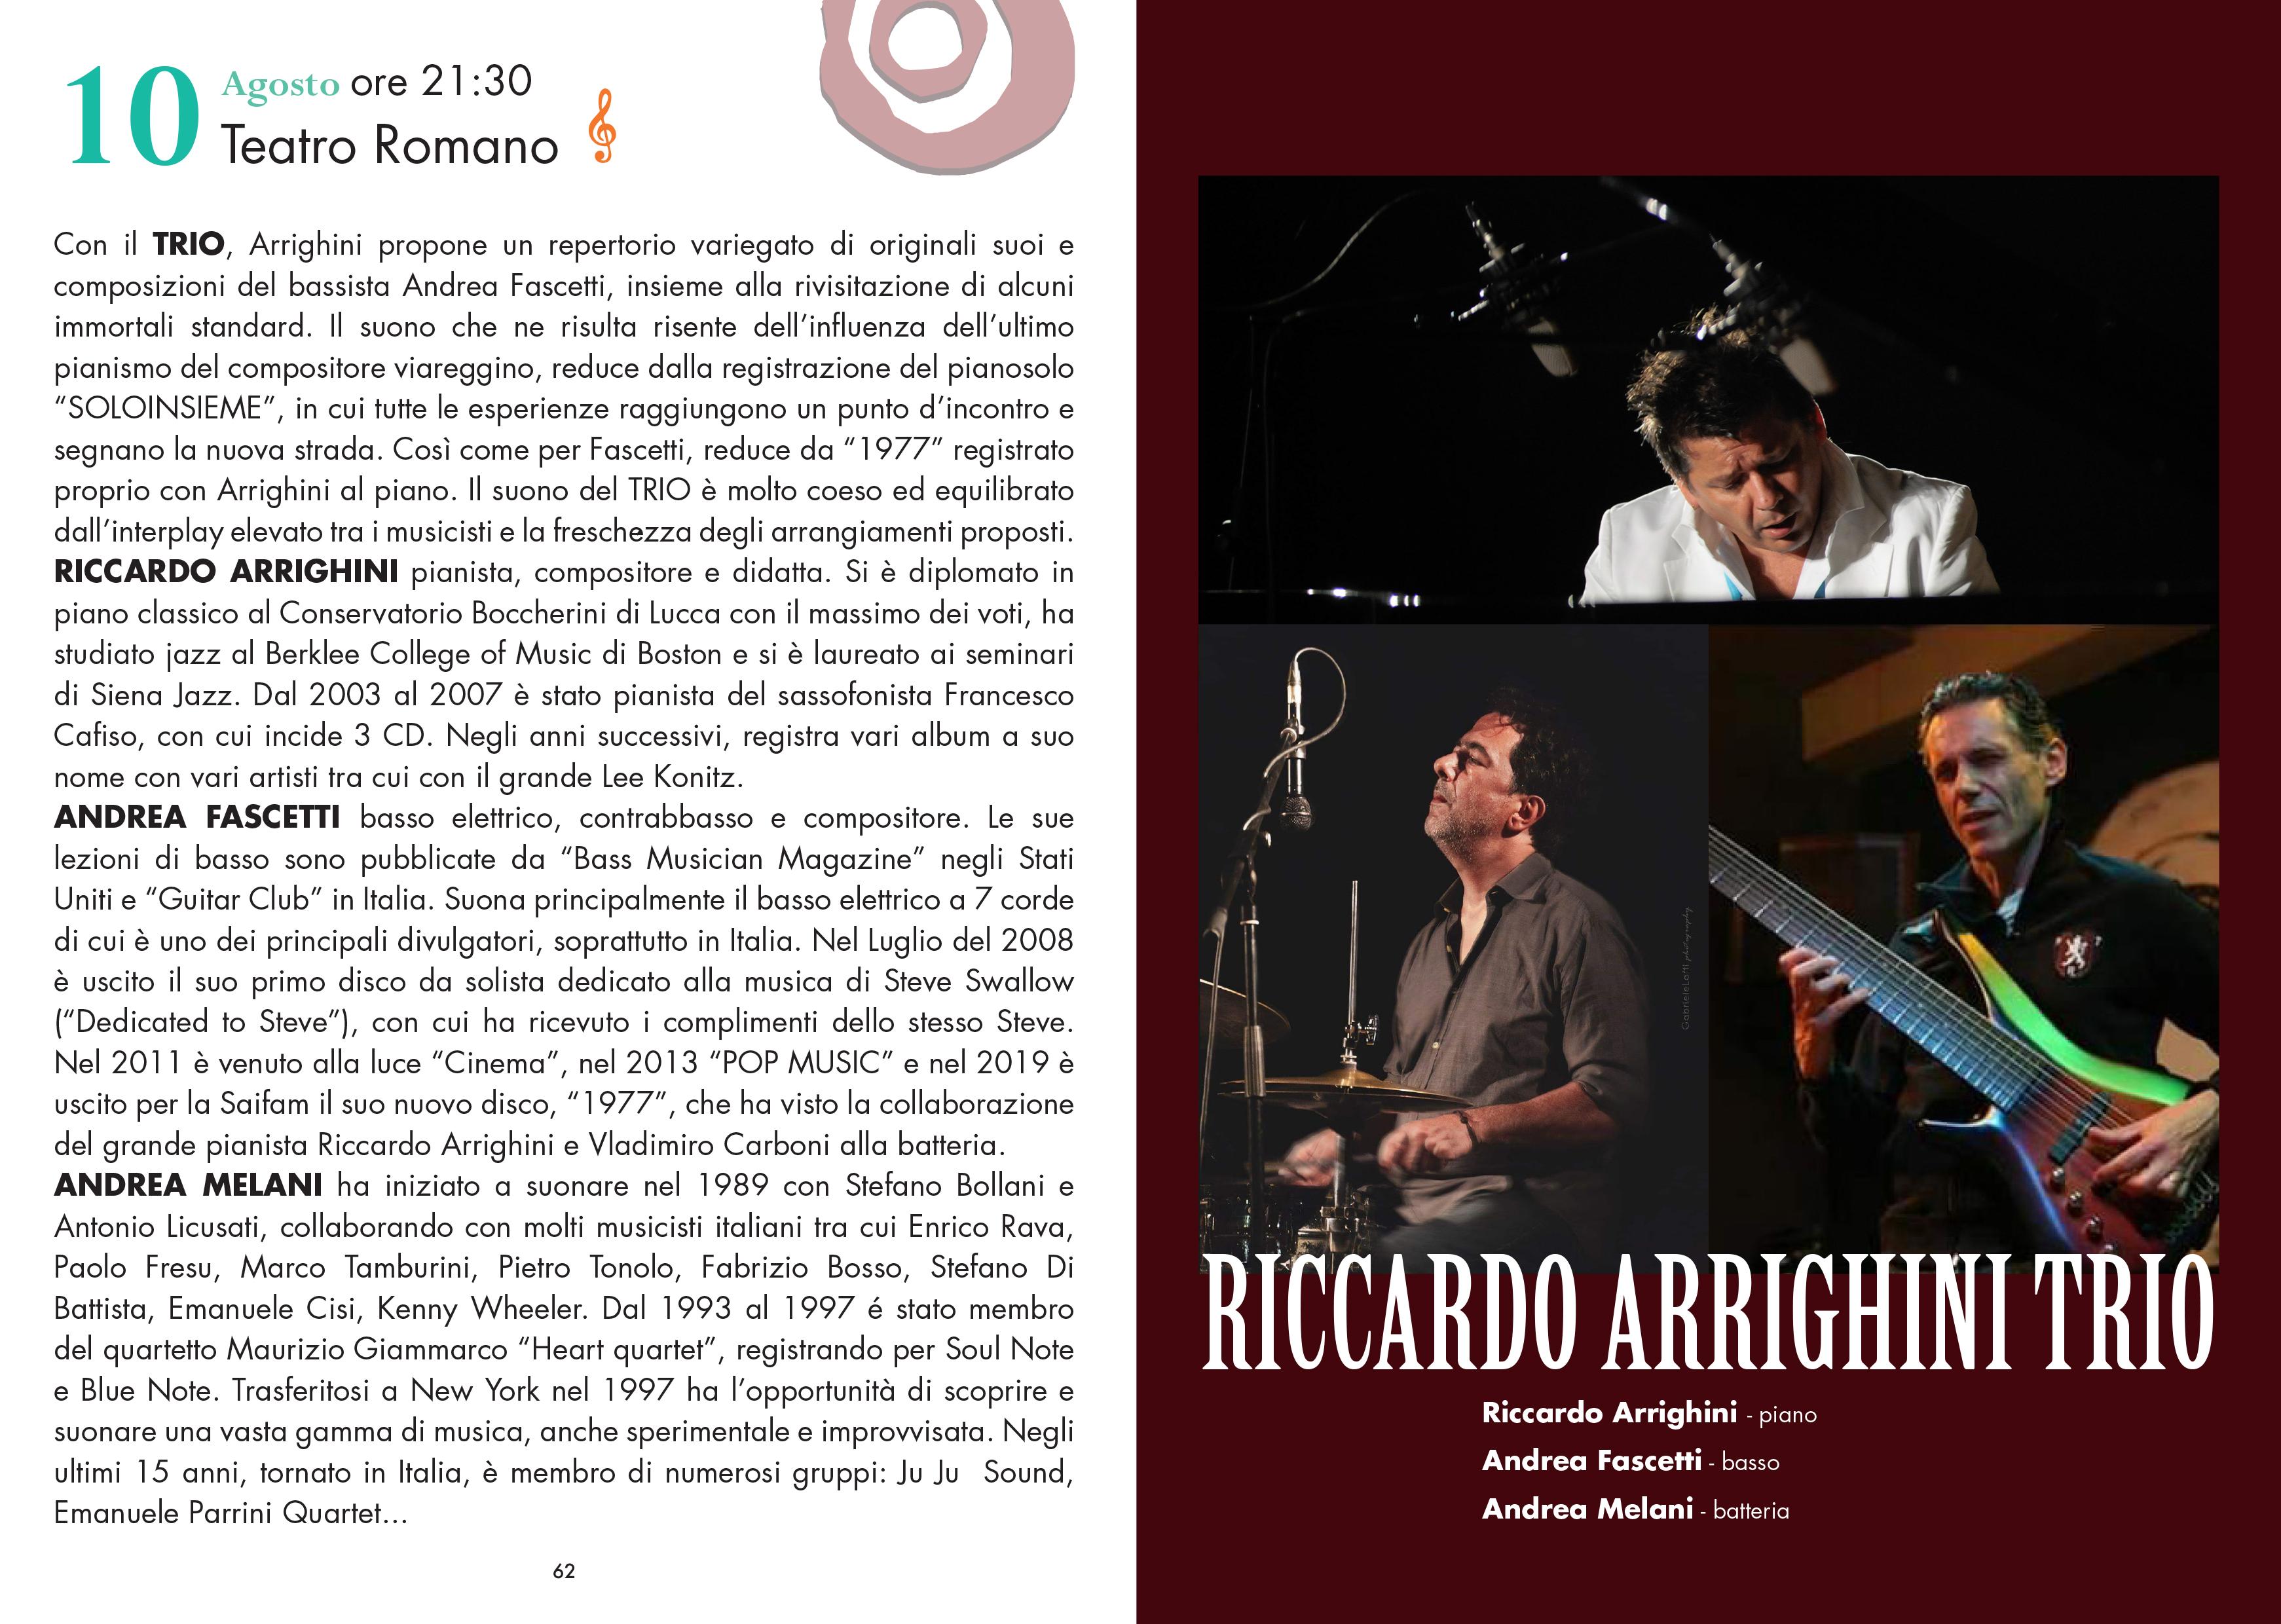 programma_libretto A5(1)-28